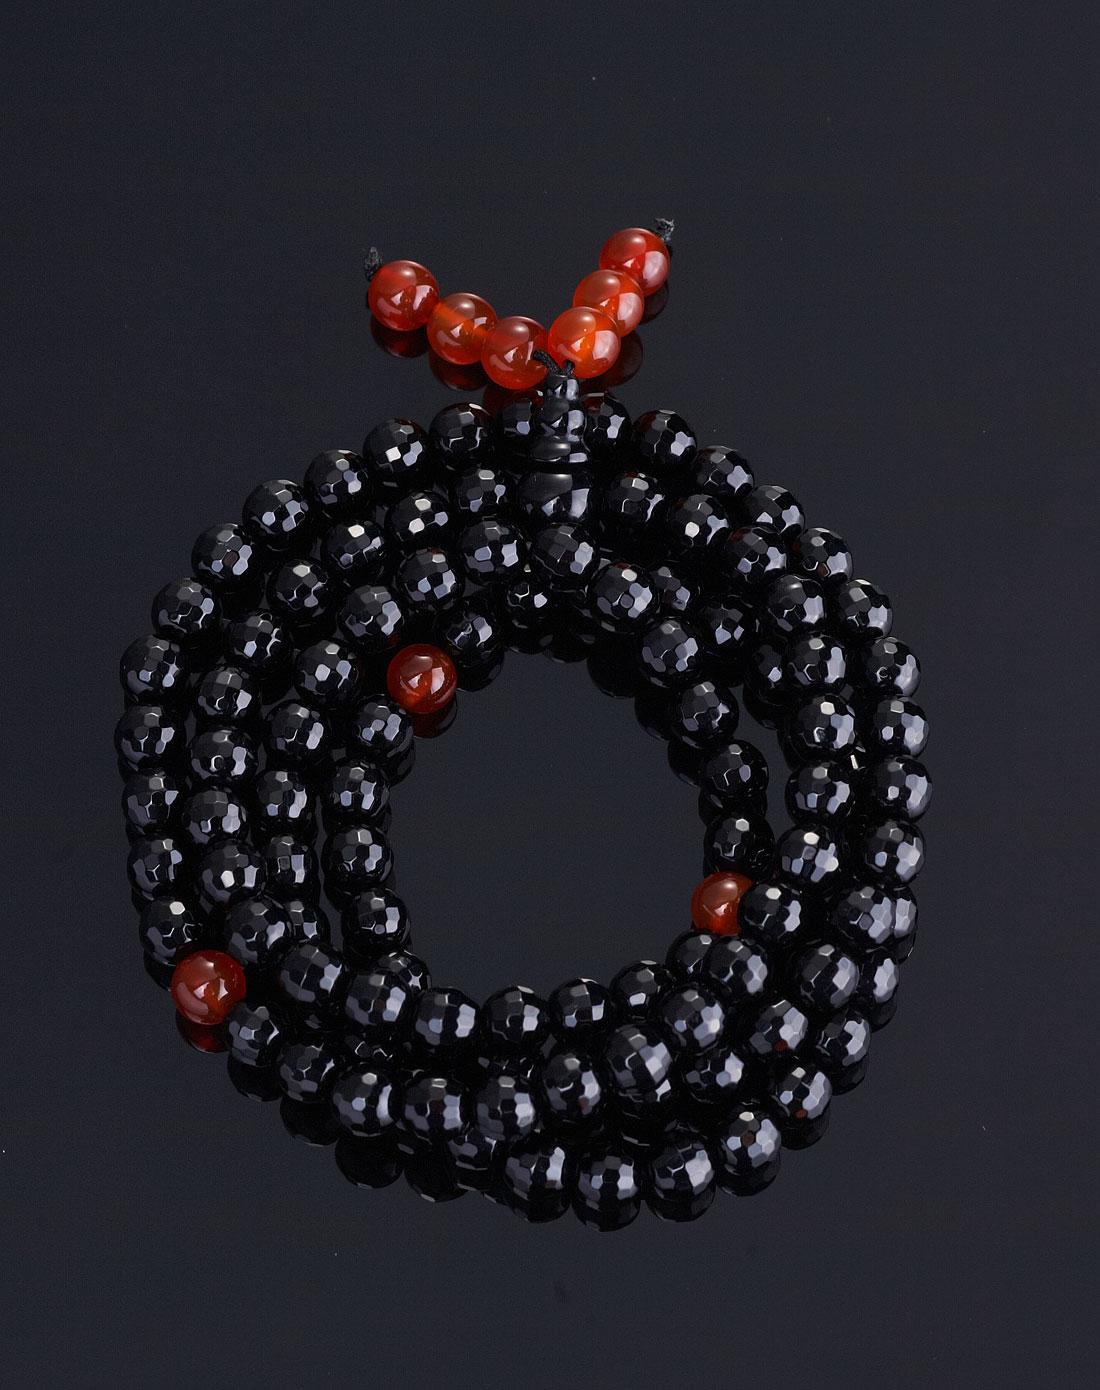 天然黑玛瑙珠链圆珠6mm108颗手链